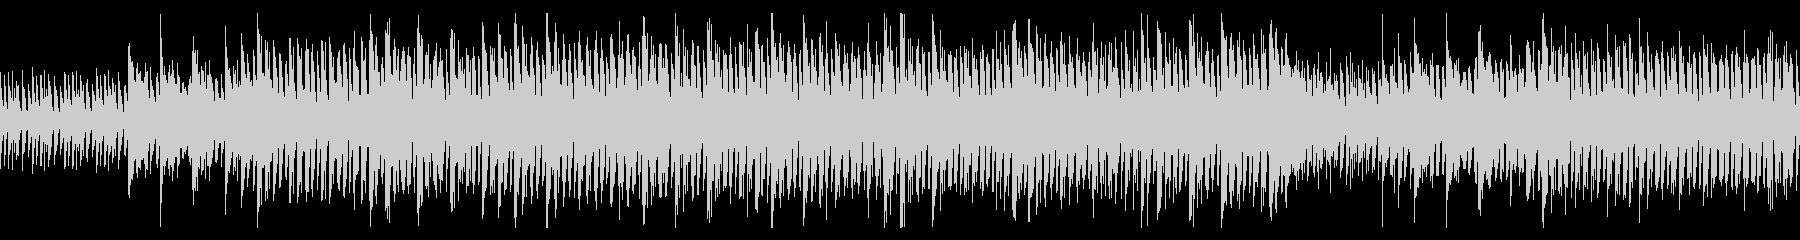 【ループ】独特なリズム、透明感がある曲の未再生の波形